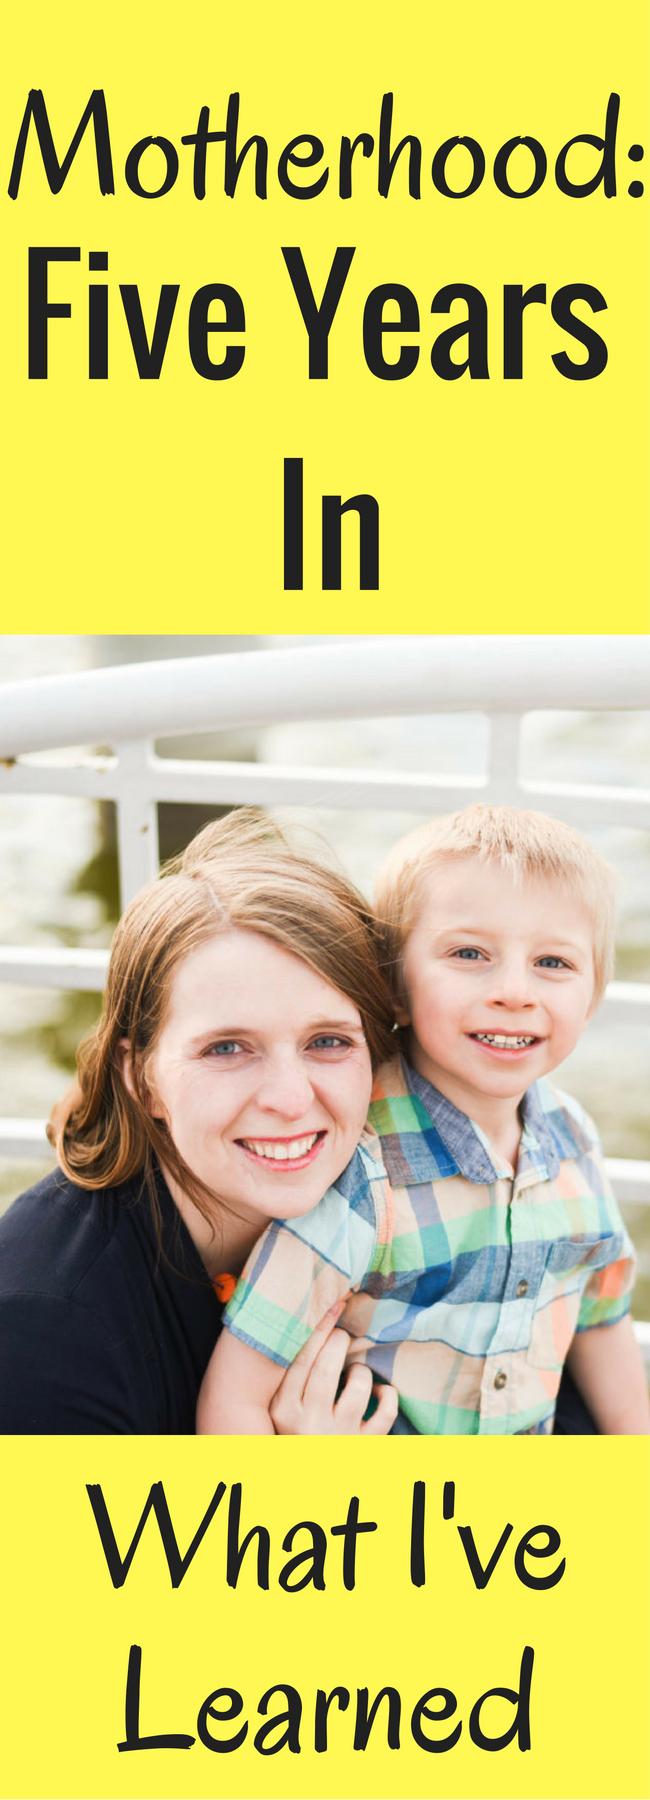 motherhood / motherhood quotes / motherhood articles /   motherhood   / motherhood tips / motherhood inspiration / motherhood struggles